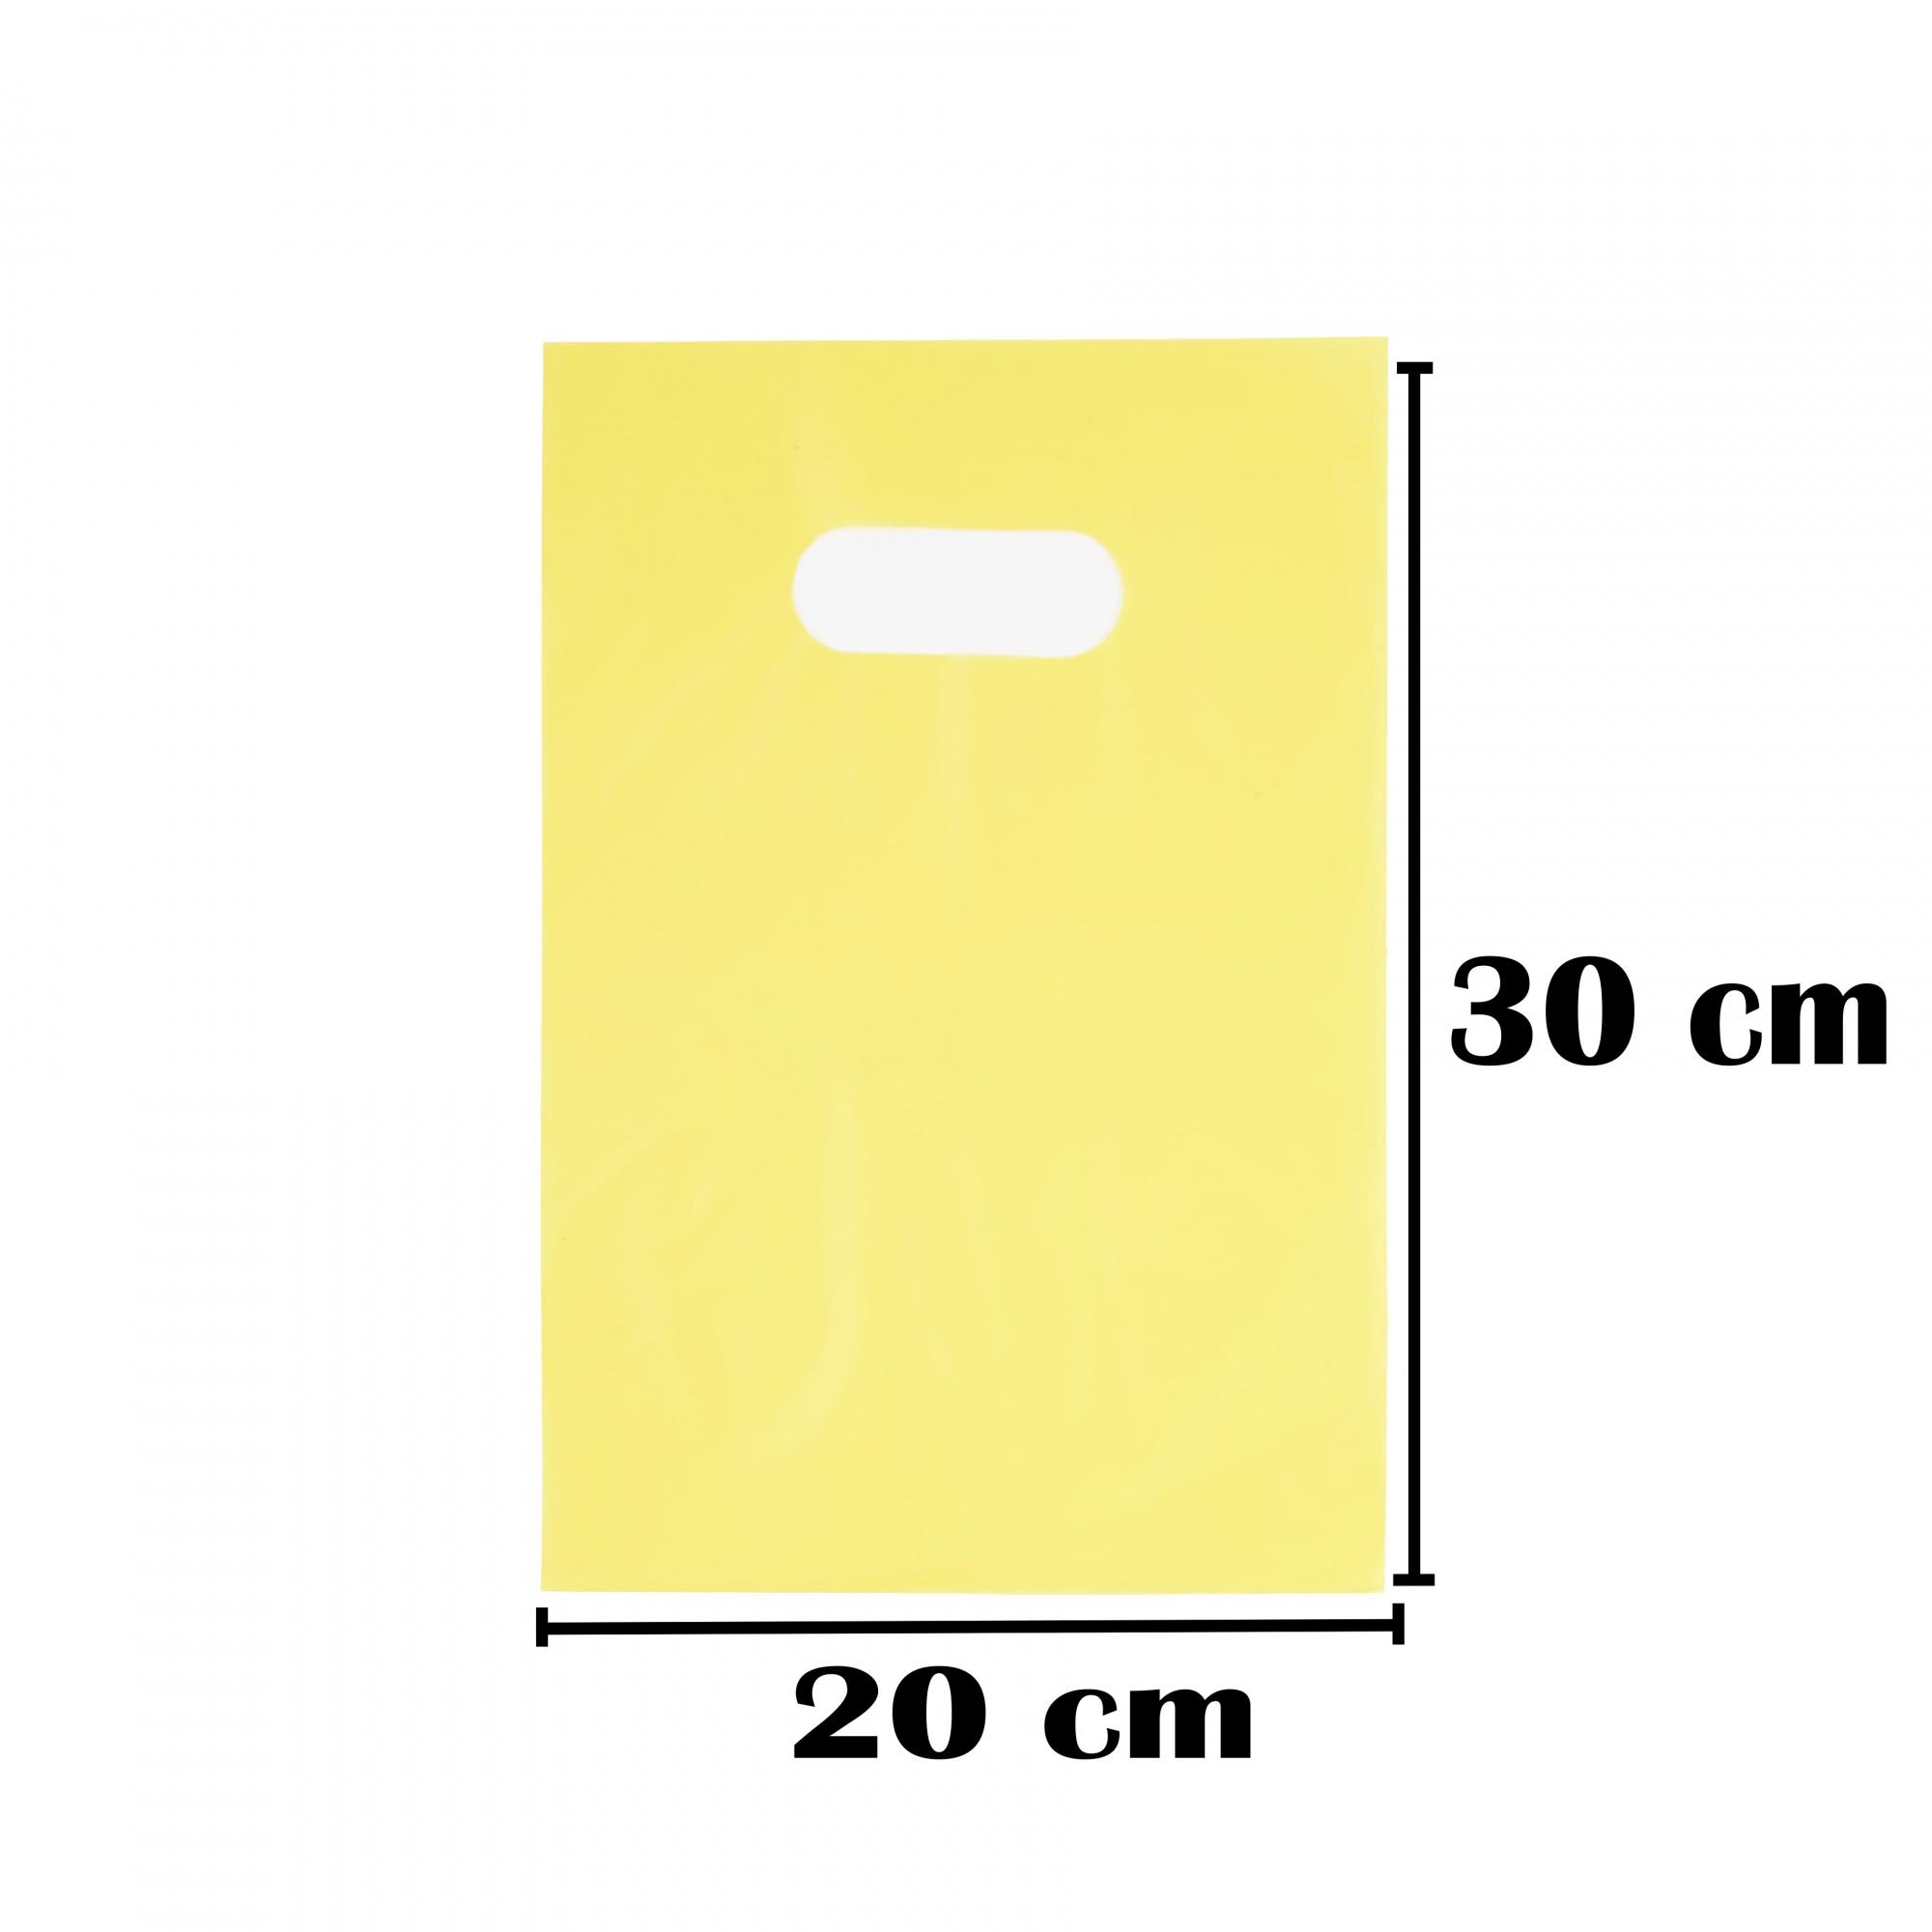 Sacola Plástica 20x30 Amarela Alça Boca de Palhaço 250 Unidades